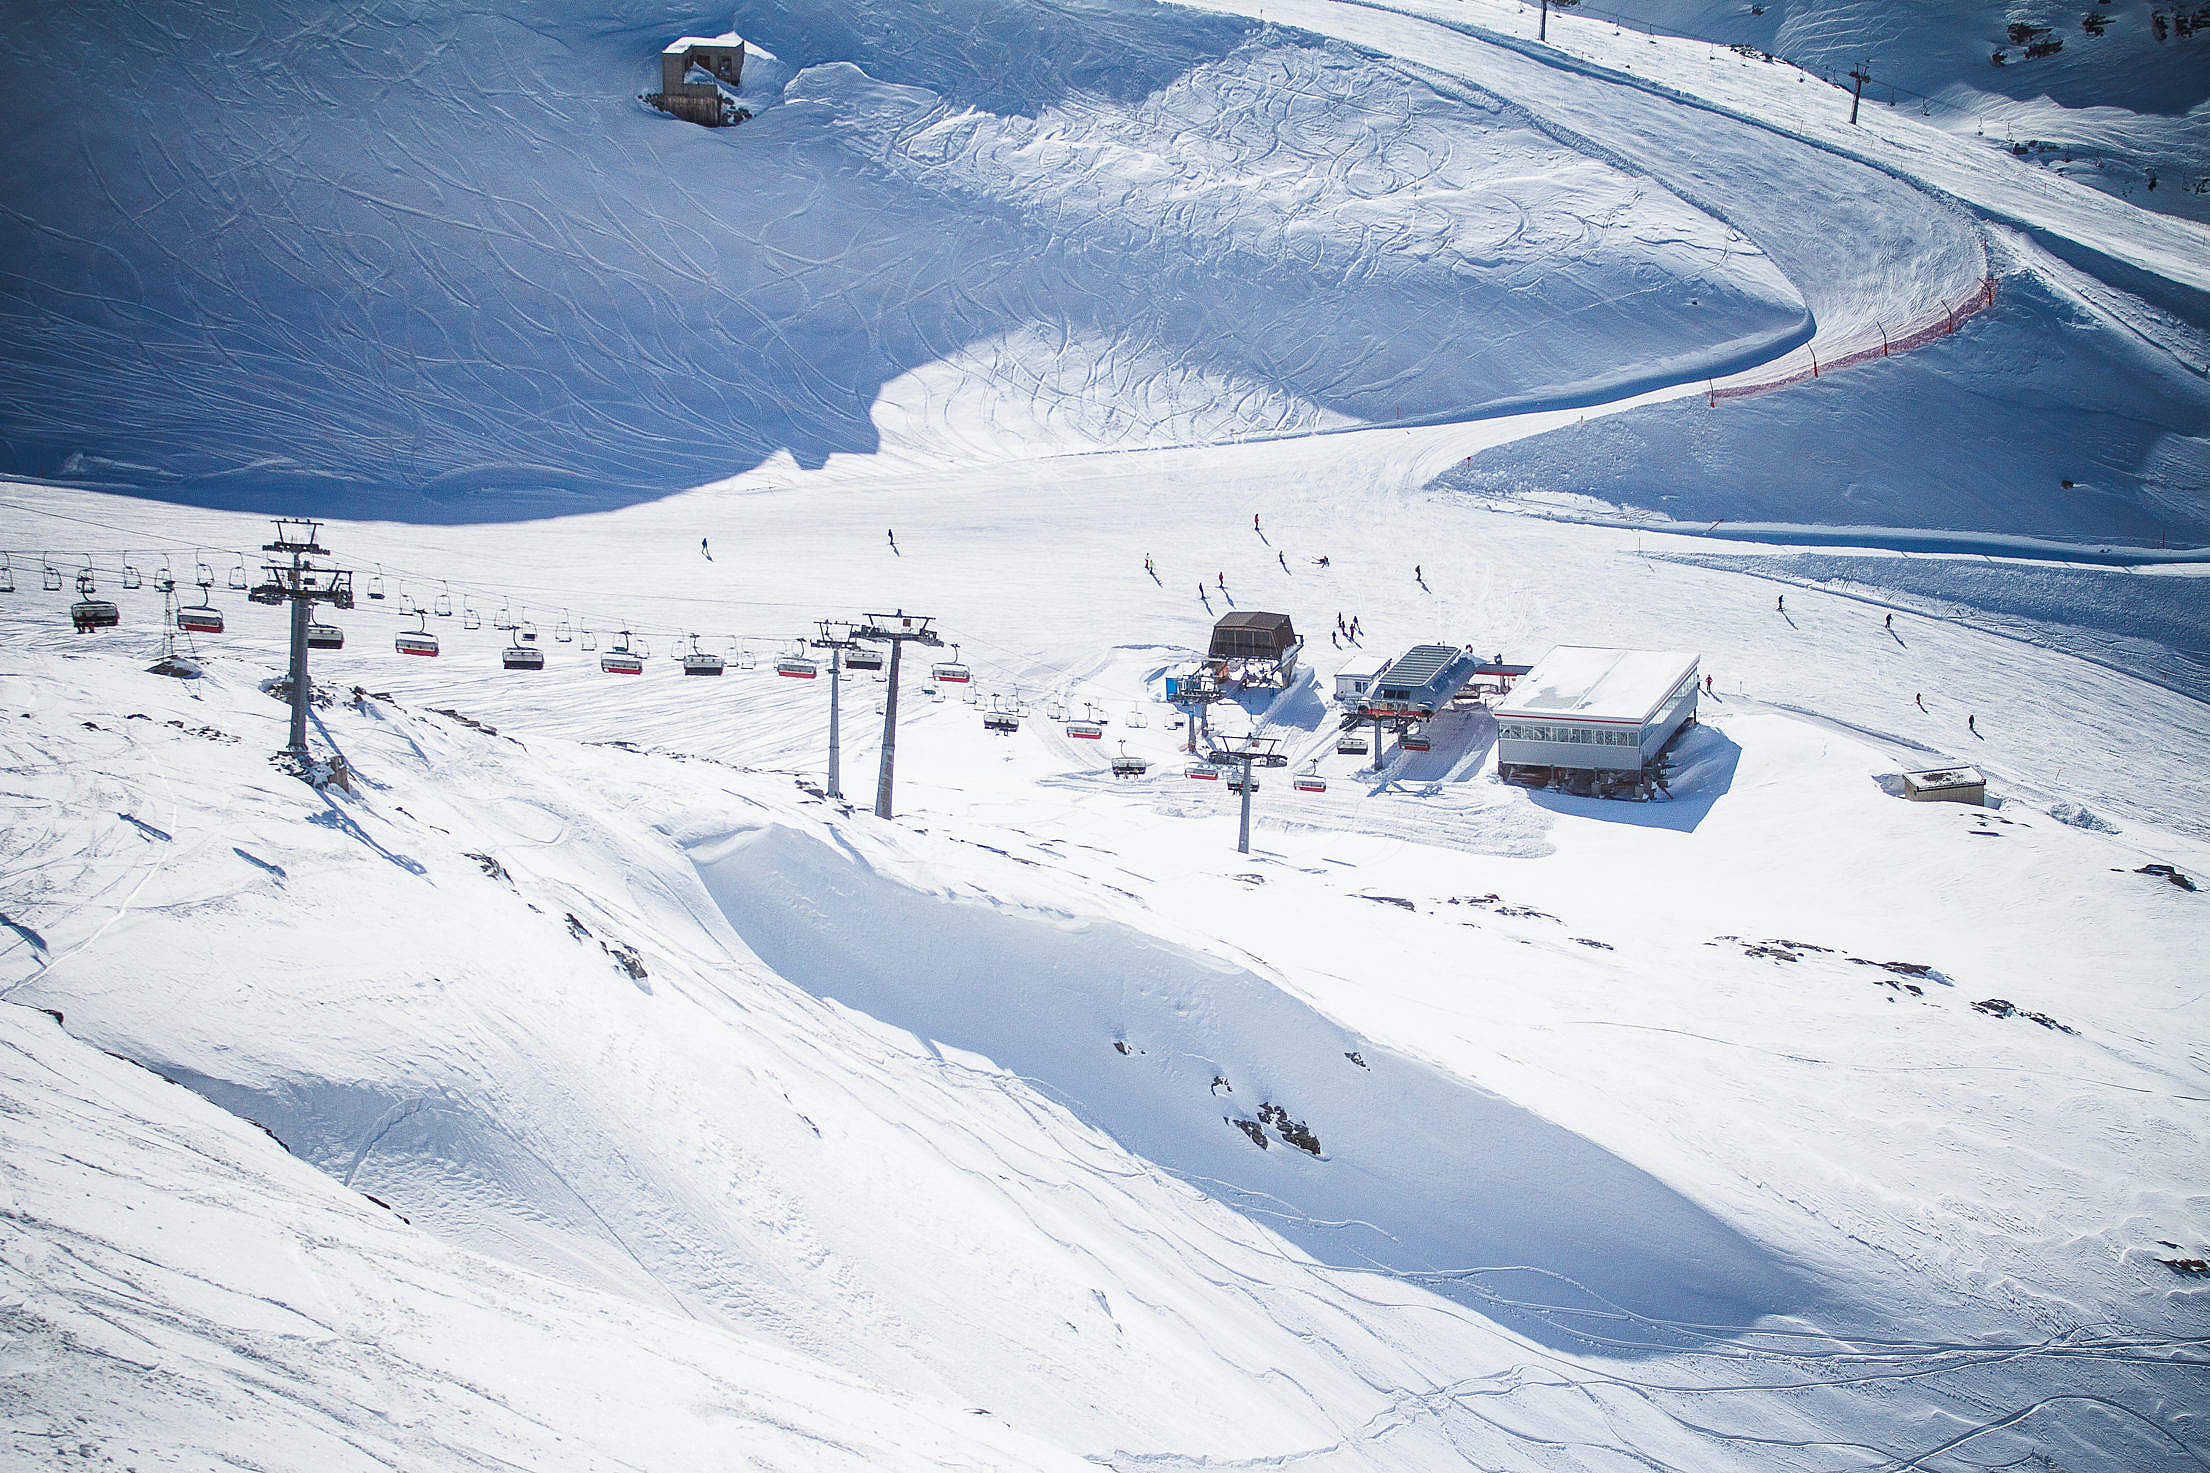 Ski Resort in Austria Free Stock Photo